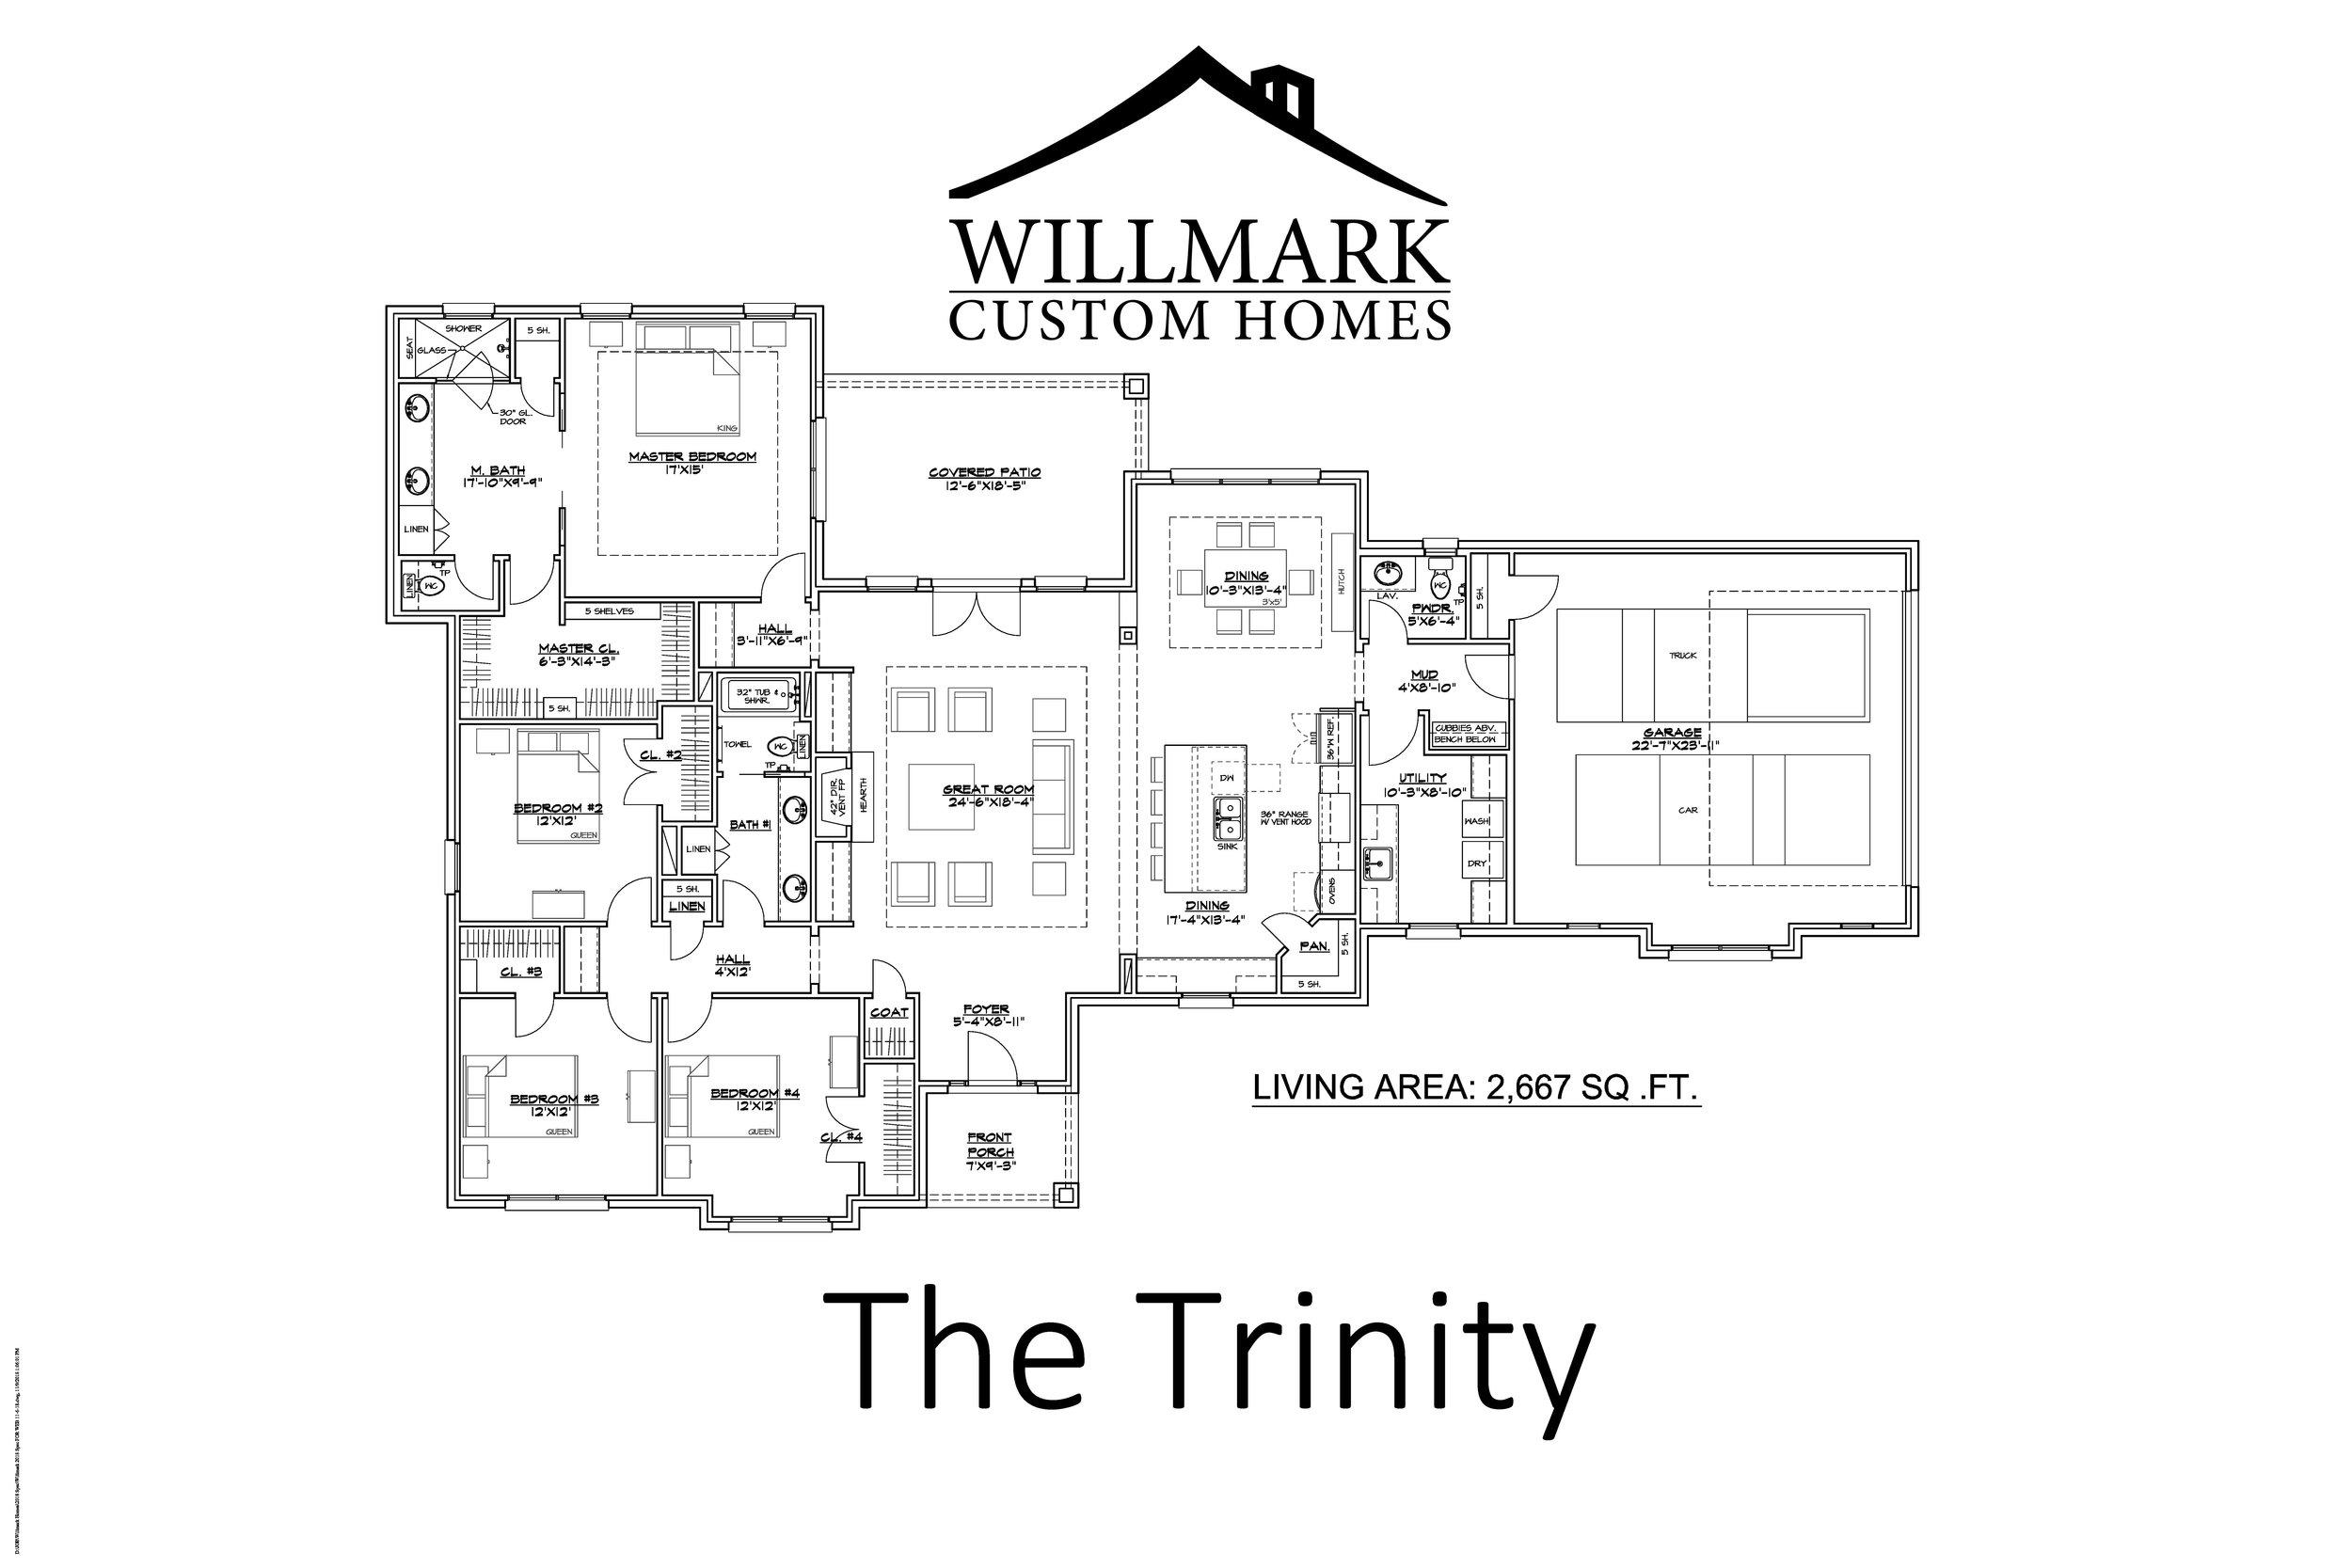 The Trinity 2667 Sq Ft Willmark Custom Homes